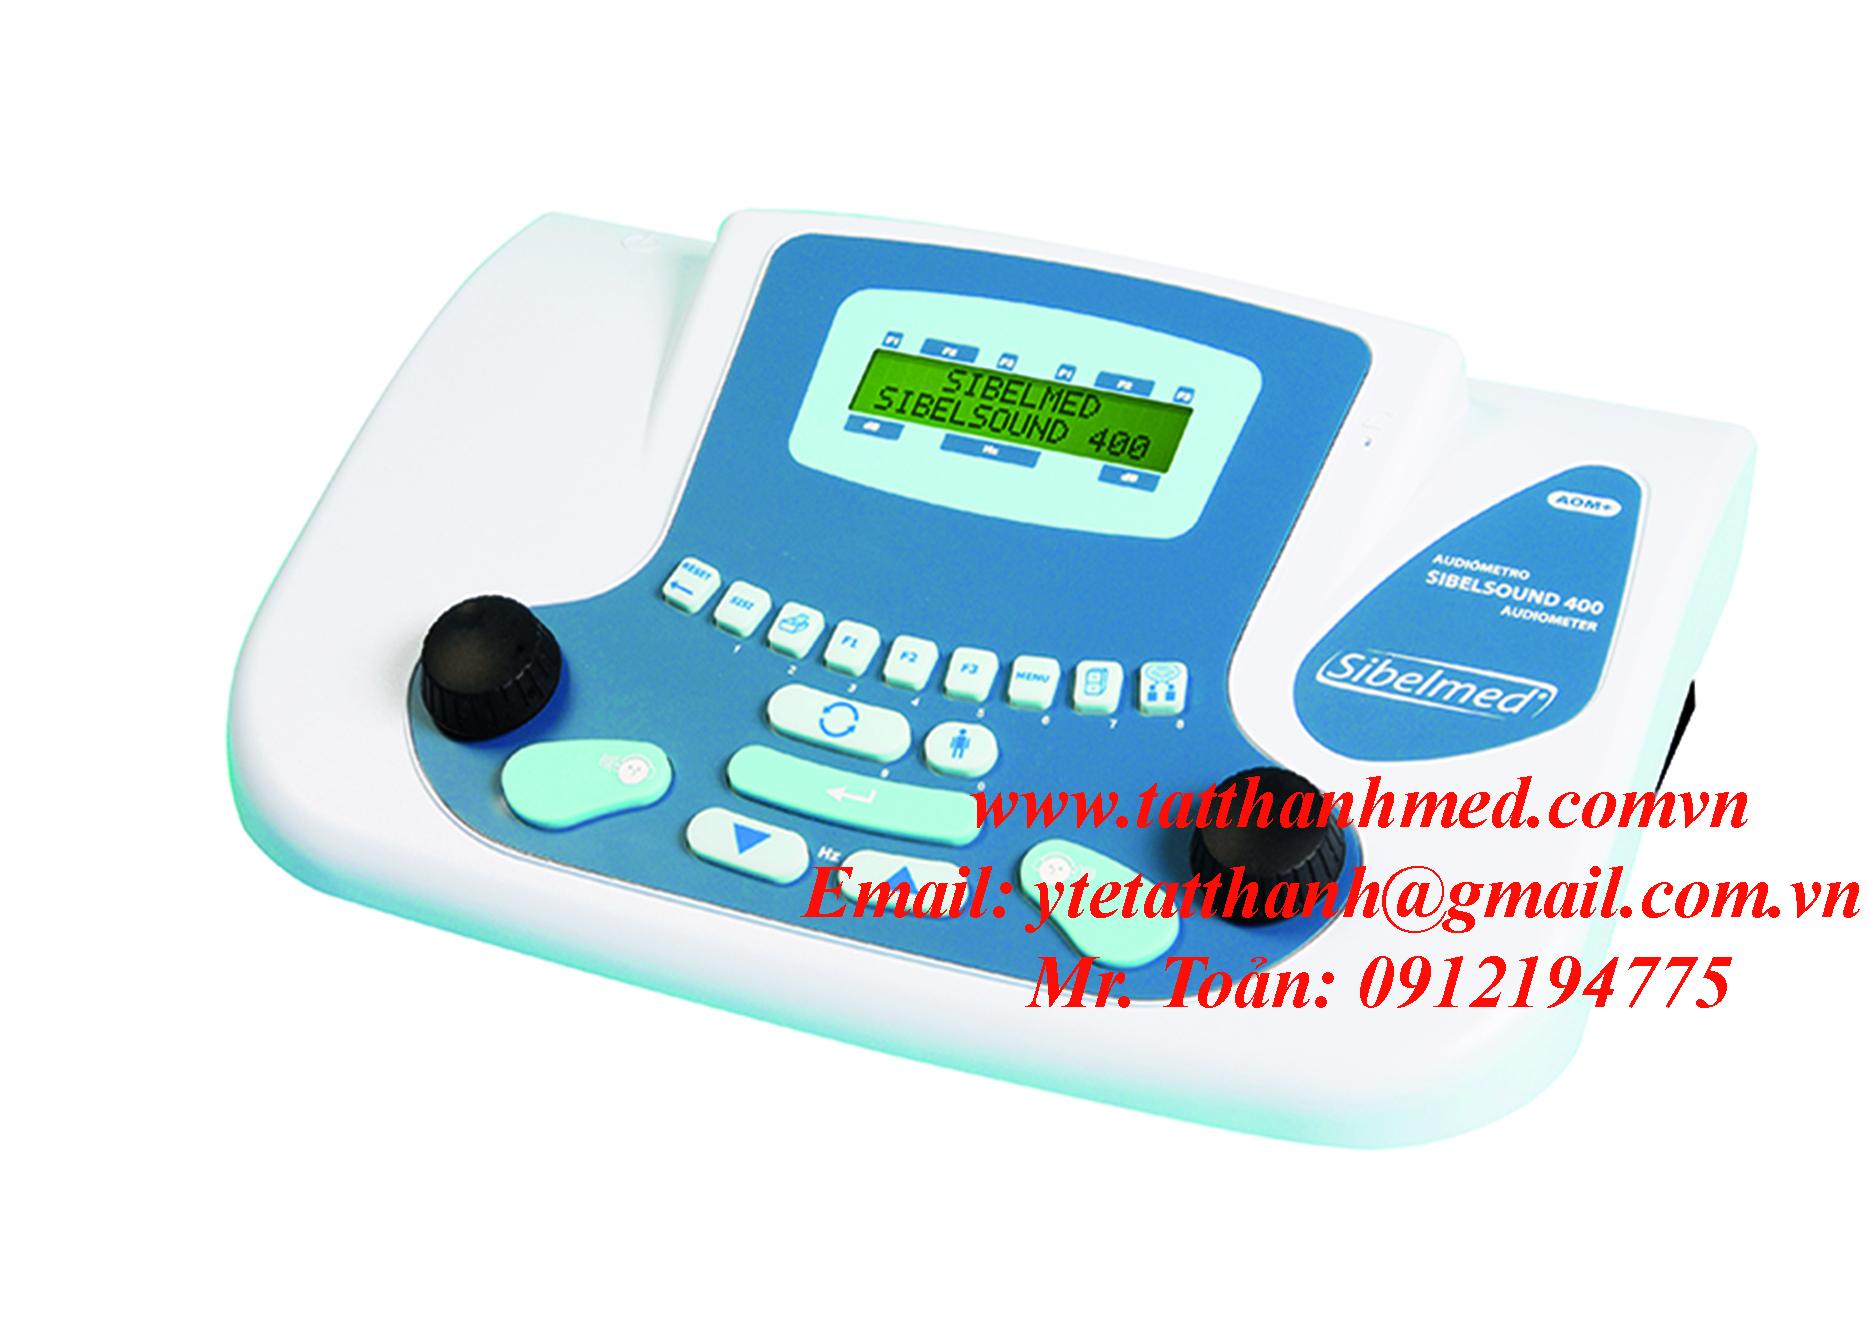 Máy đo thính lực dòng series Sibelsound 400 chuẩn đoán, tự dộng- hai kênh